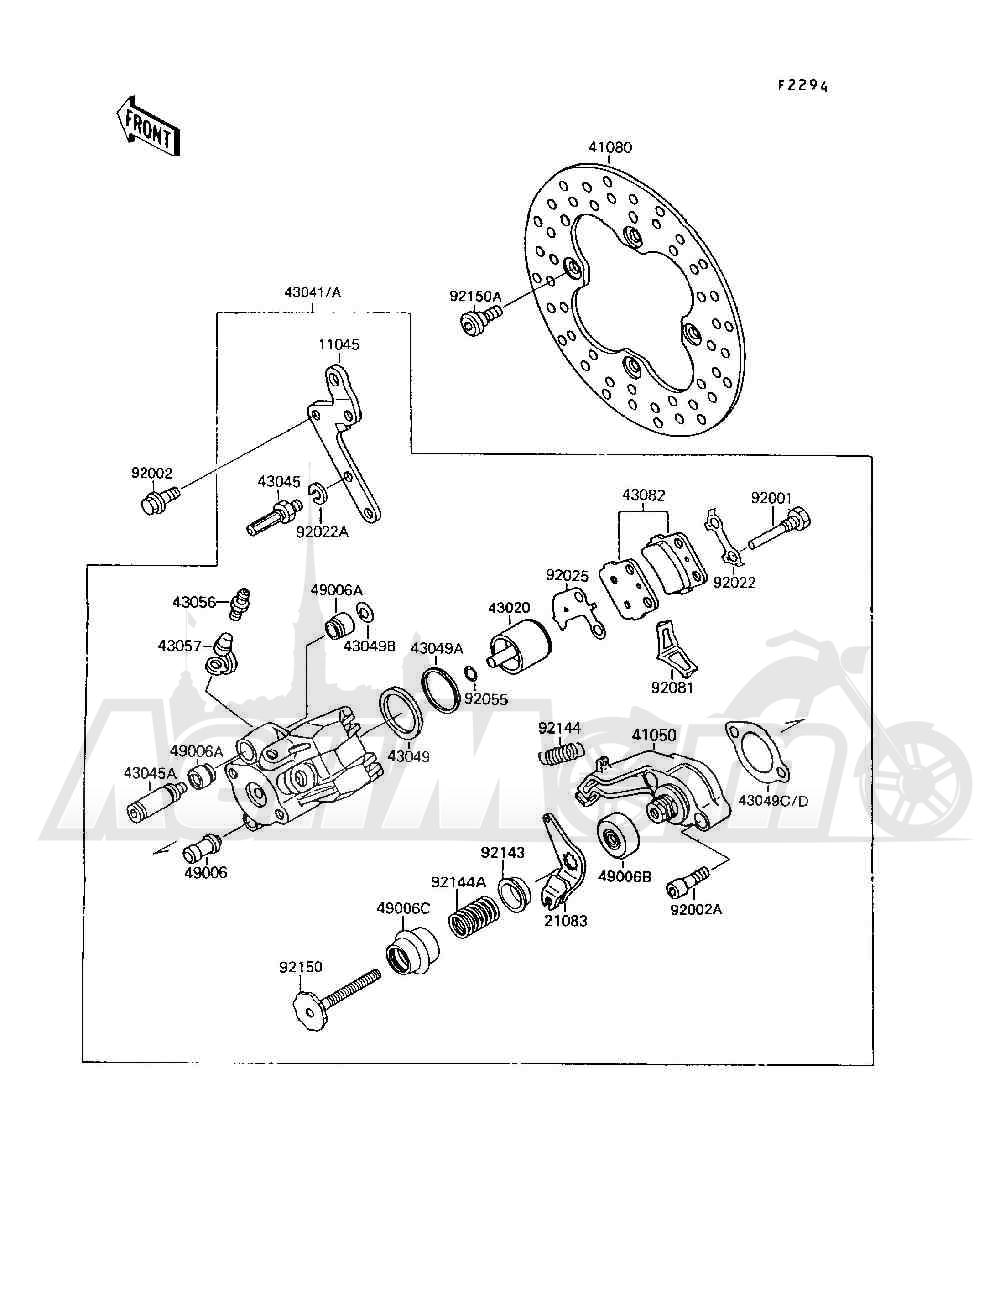 Запчасти для Квадроцикла Kawasaki 1994 MOJAVE 250 (KSF250-A8) Раздел: REAR BRAKE   задний тормоз